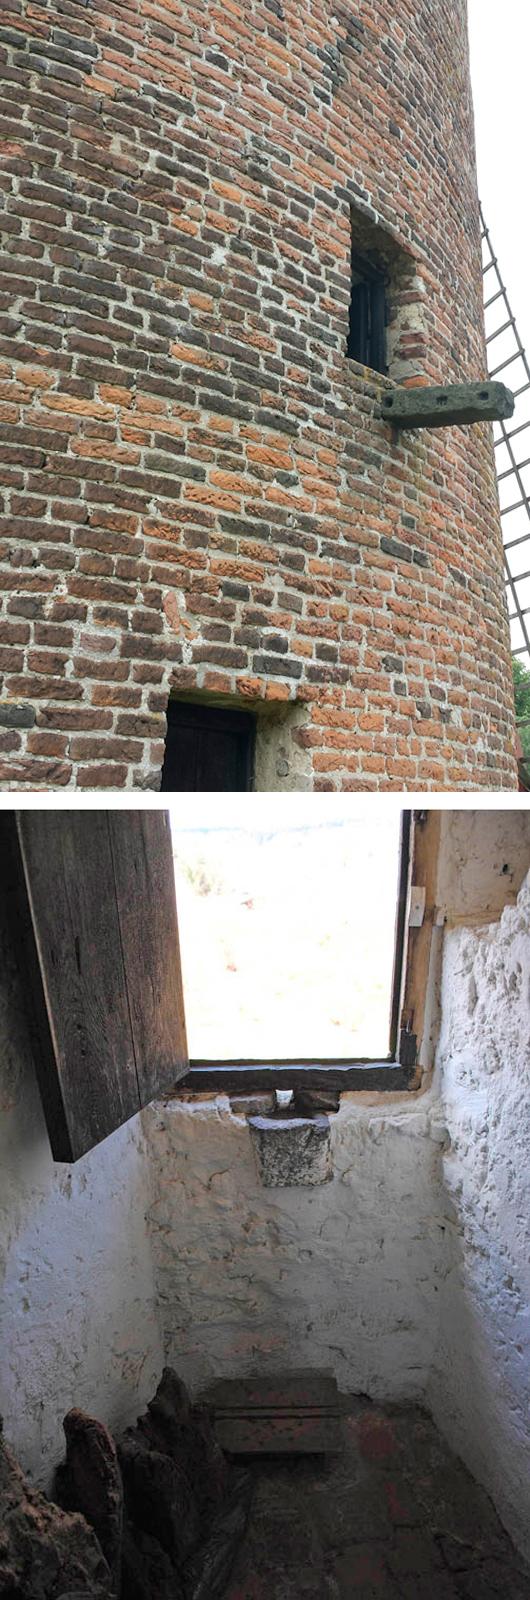 Grafelijke Korenmolen, Zeddam, Het plasgootje voor de molenaar, met opstapje.  Foto boven: Sven Vesters (12-7-2015)Foto onder: Gerrit ten Brinke (7-4-2013)